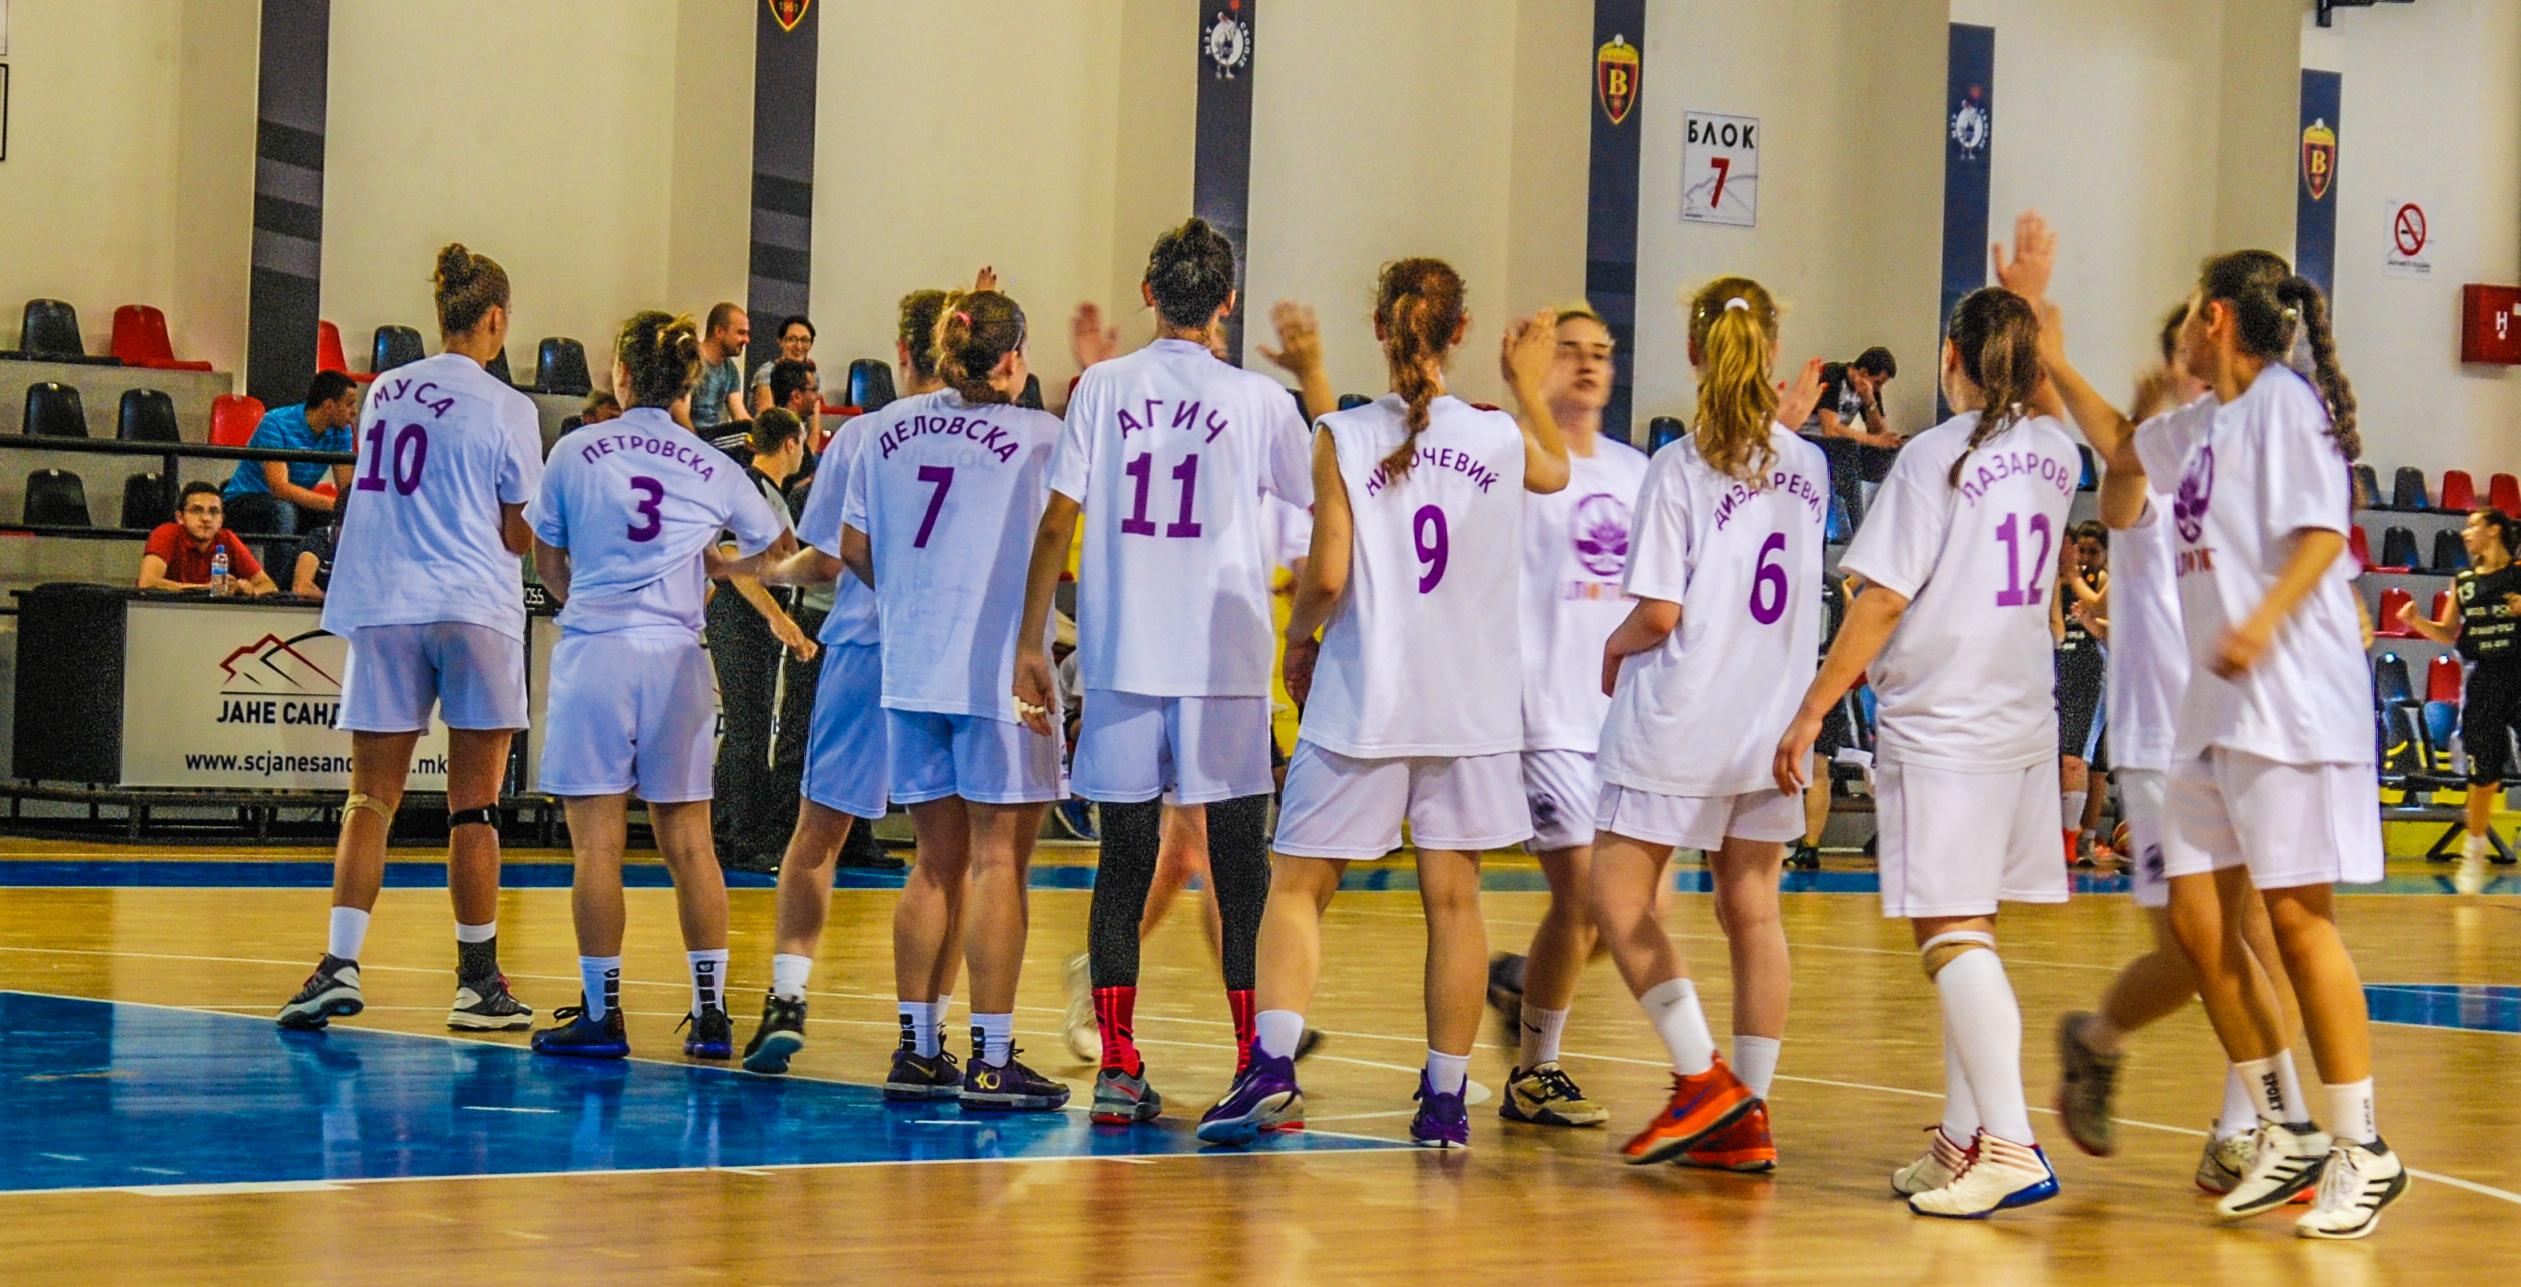 ФОТО: ЖКК Лотос изгуби на домашен терен од МНА Кожувчанка